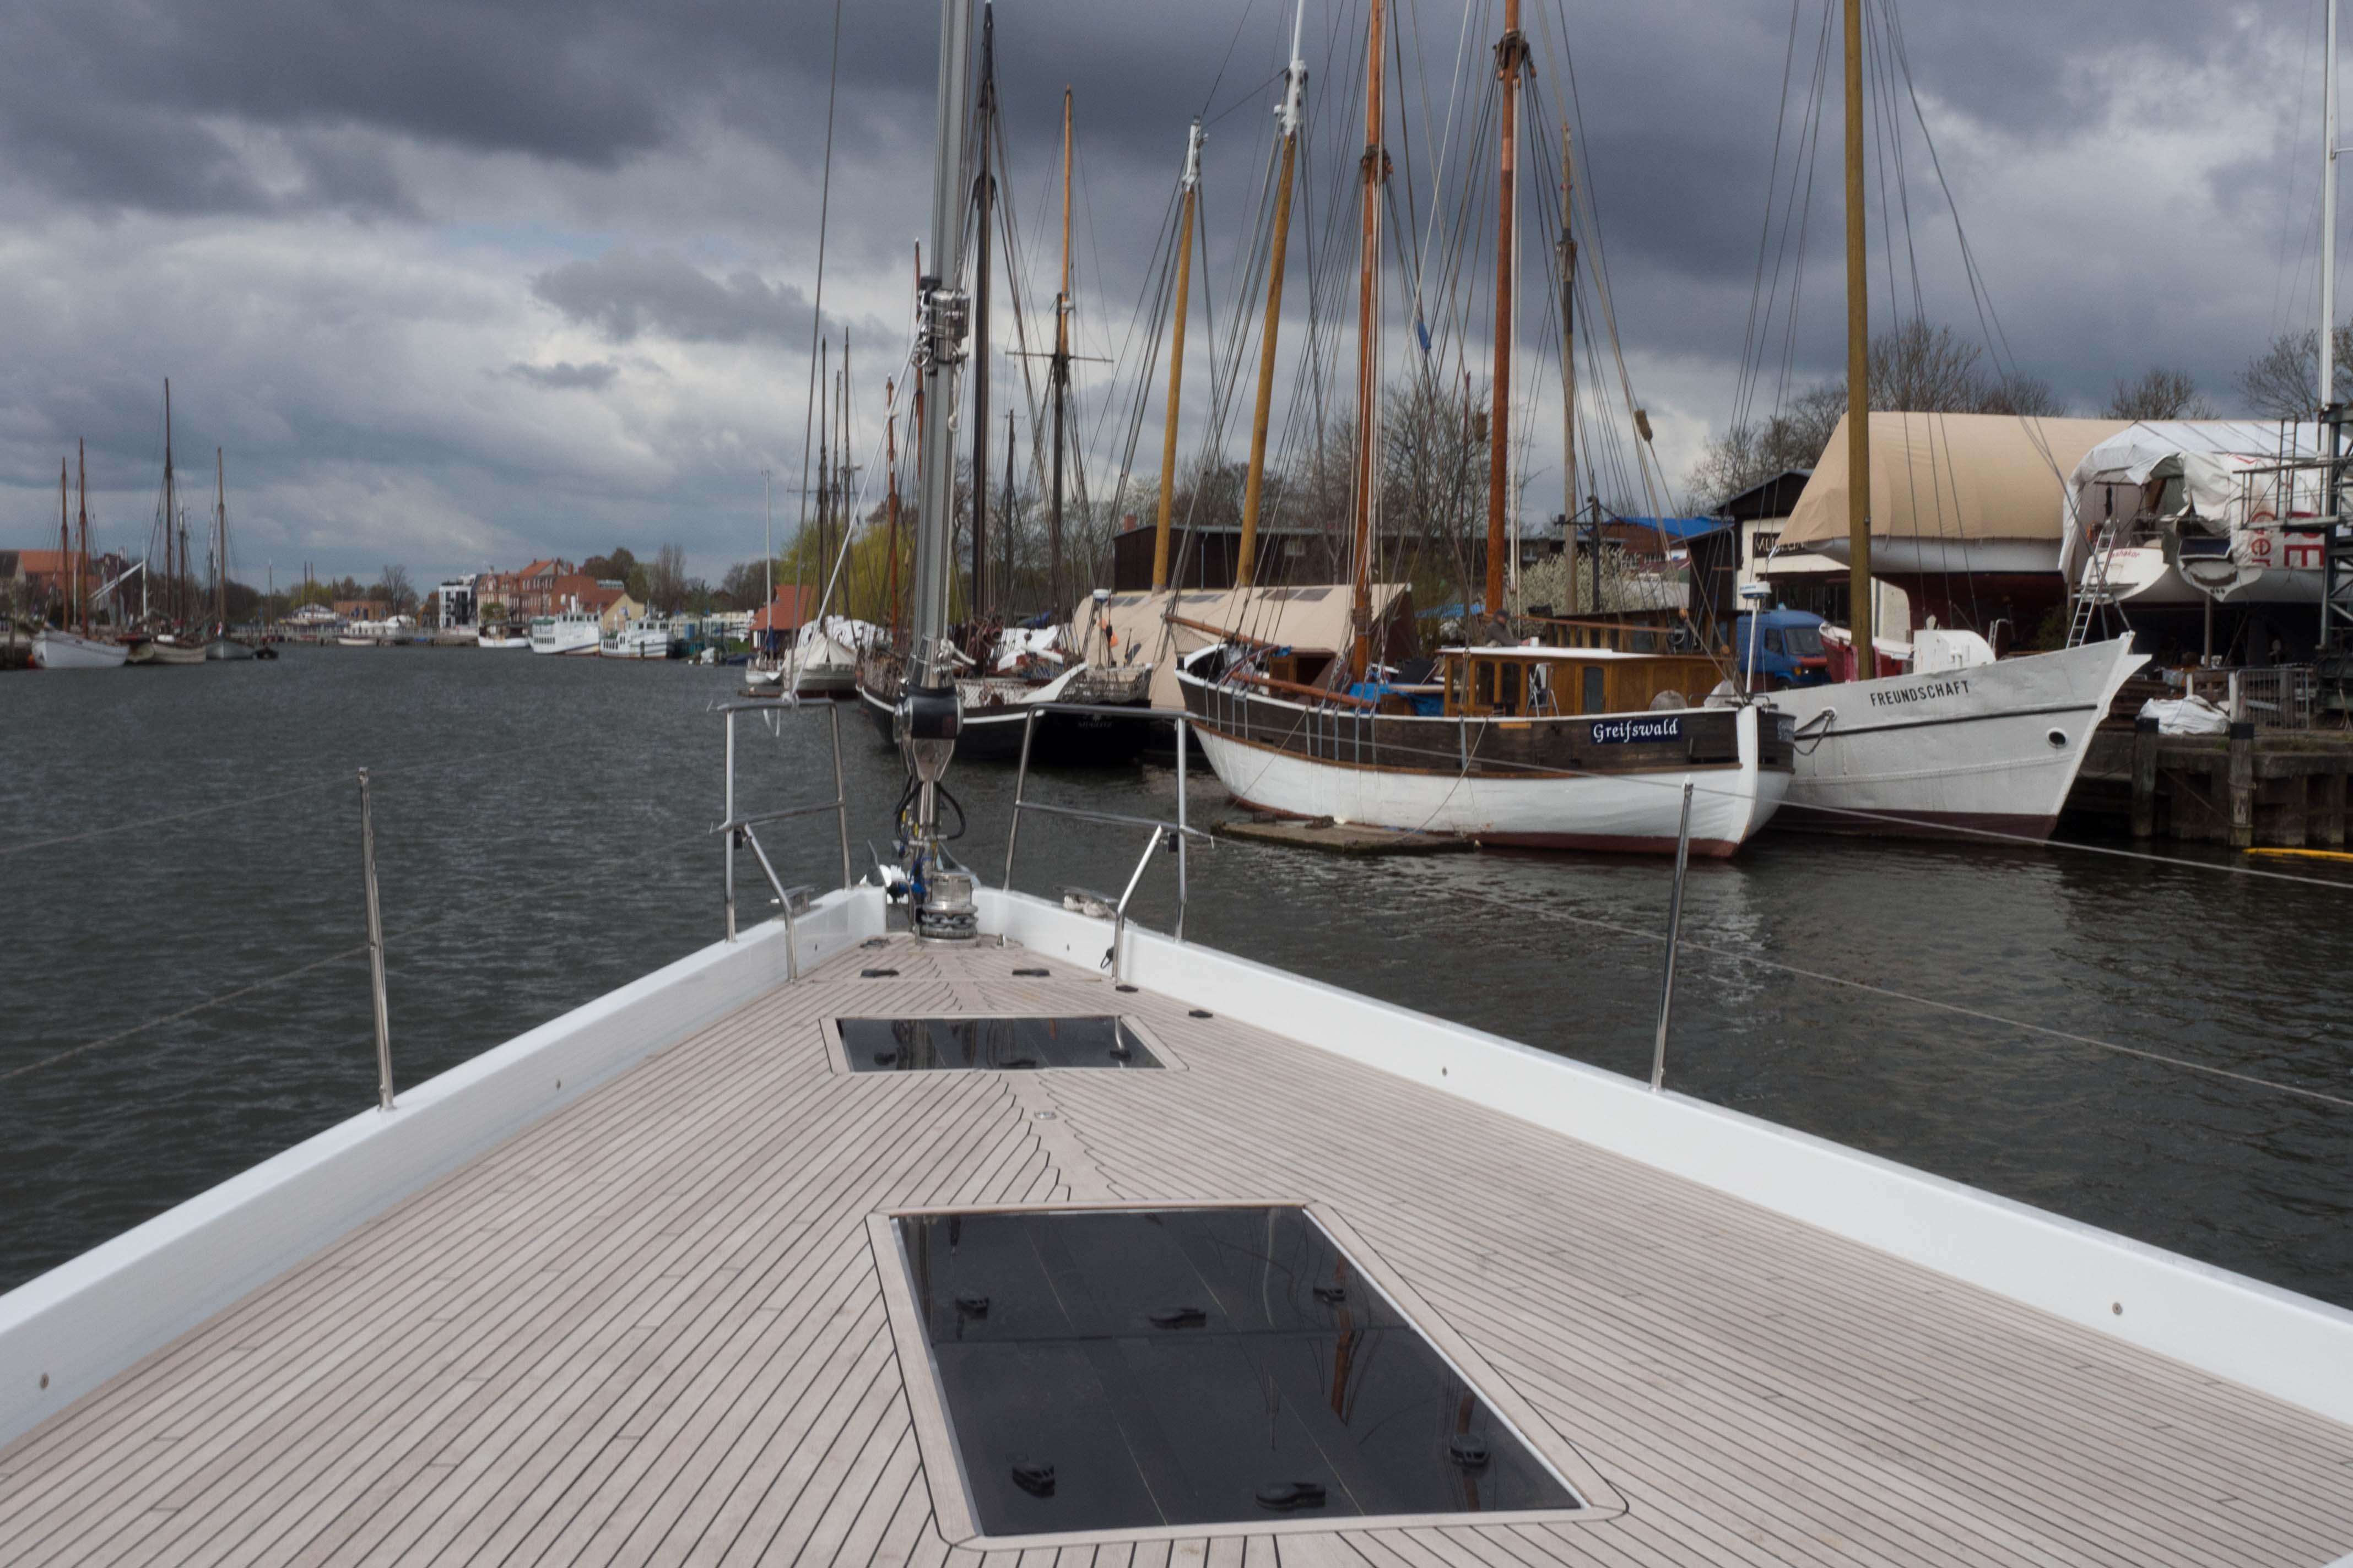 Kontrast: Blick vom Vordeck einer Hanse 675 auf die Traditionsschiffe im Hafen von Greifswald. Foto: Dieter Loibner